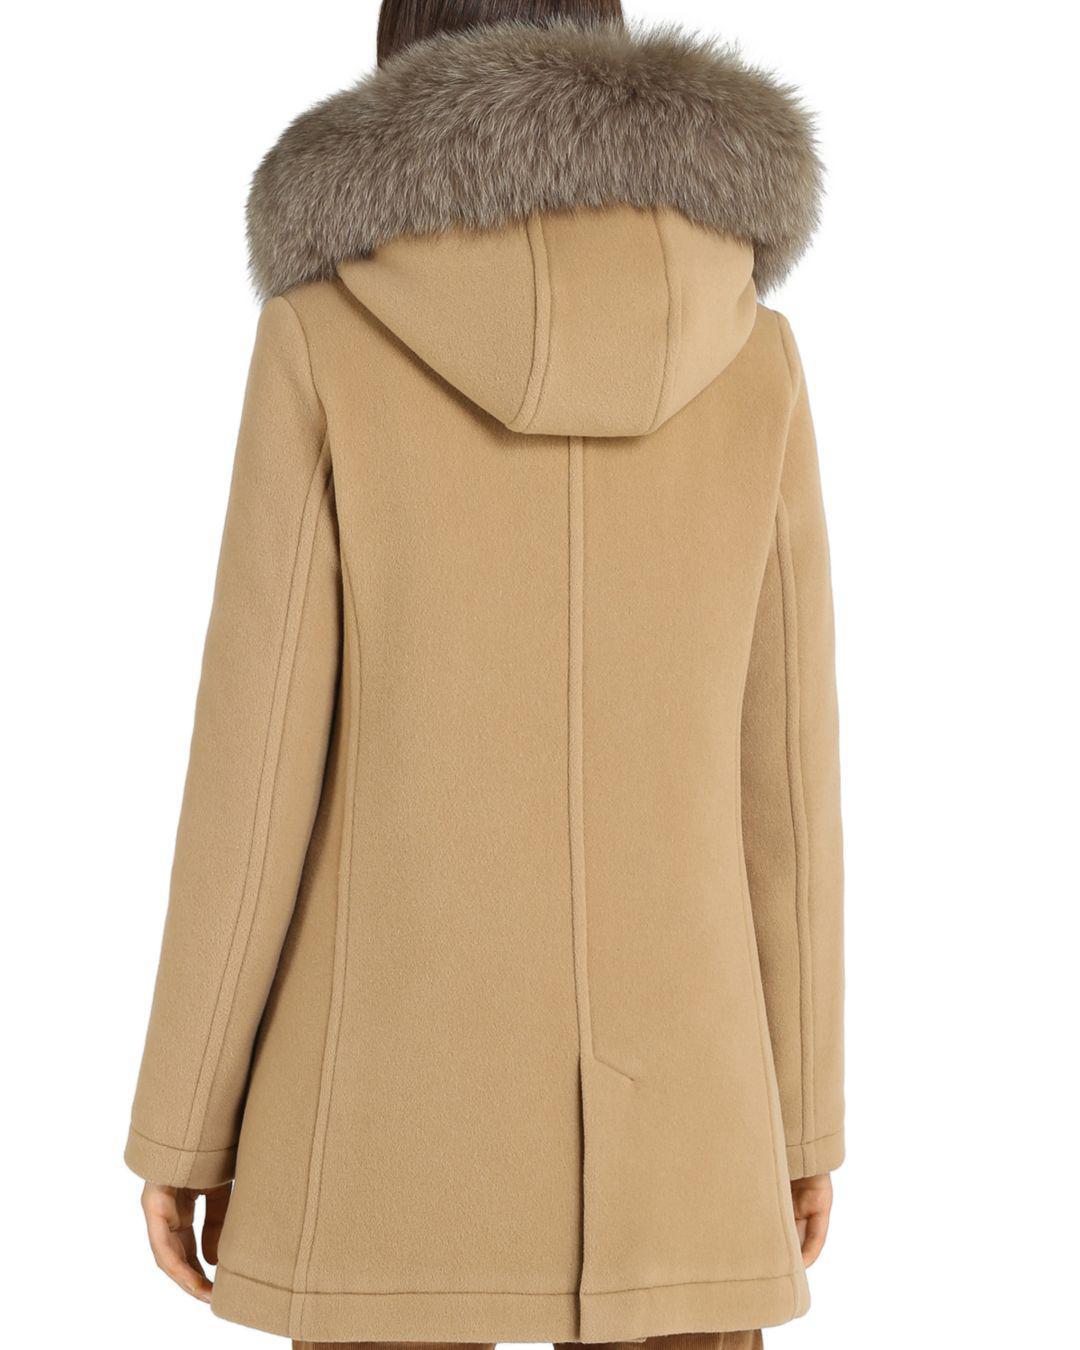 715640dcaff0c Woolrich Mckenzie Fox Fur Trim Parka in Natural - Lyst